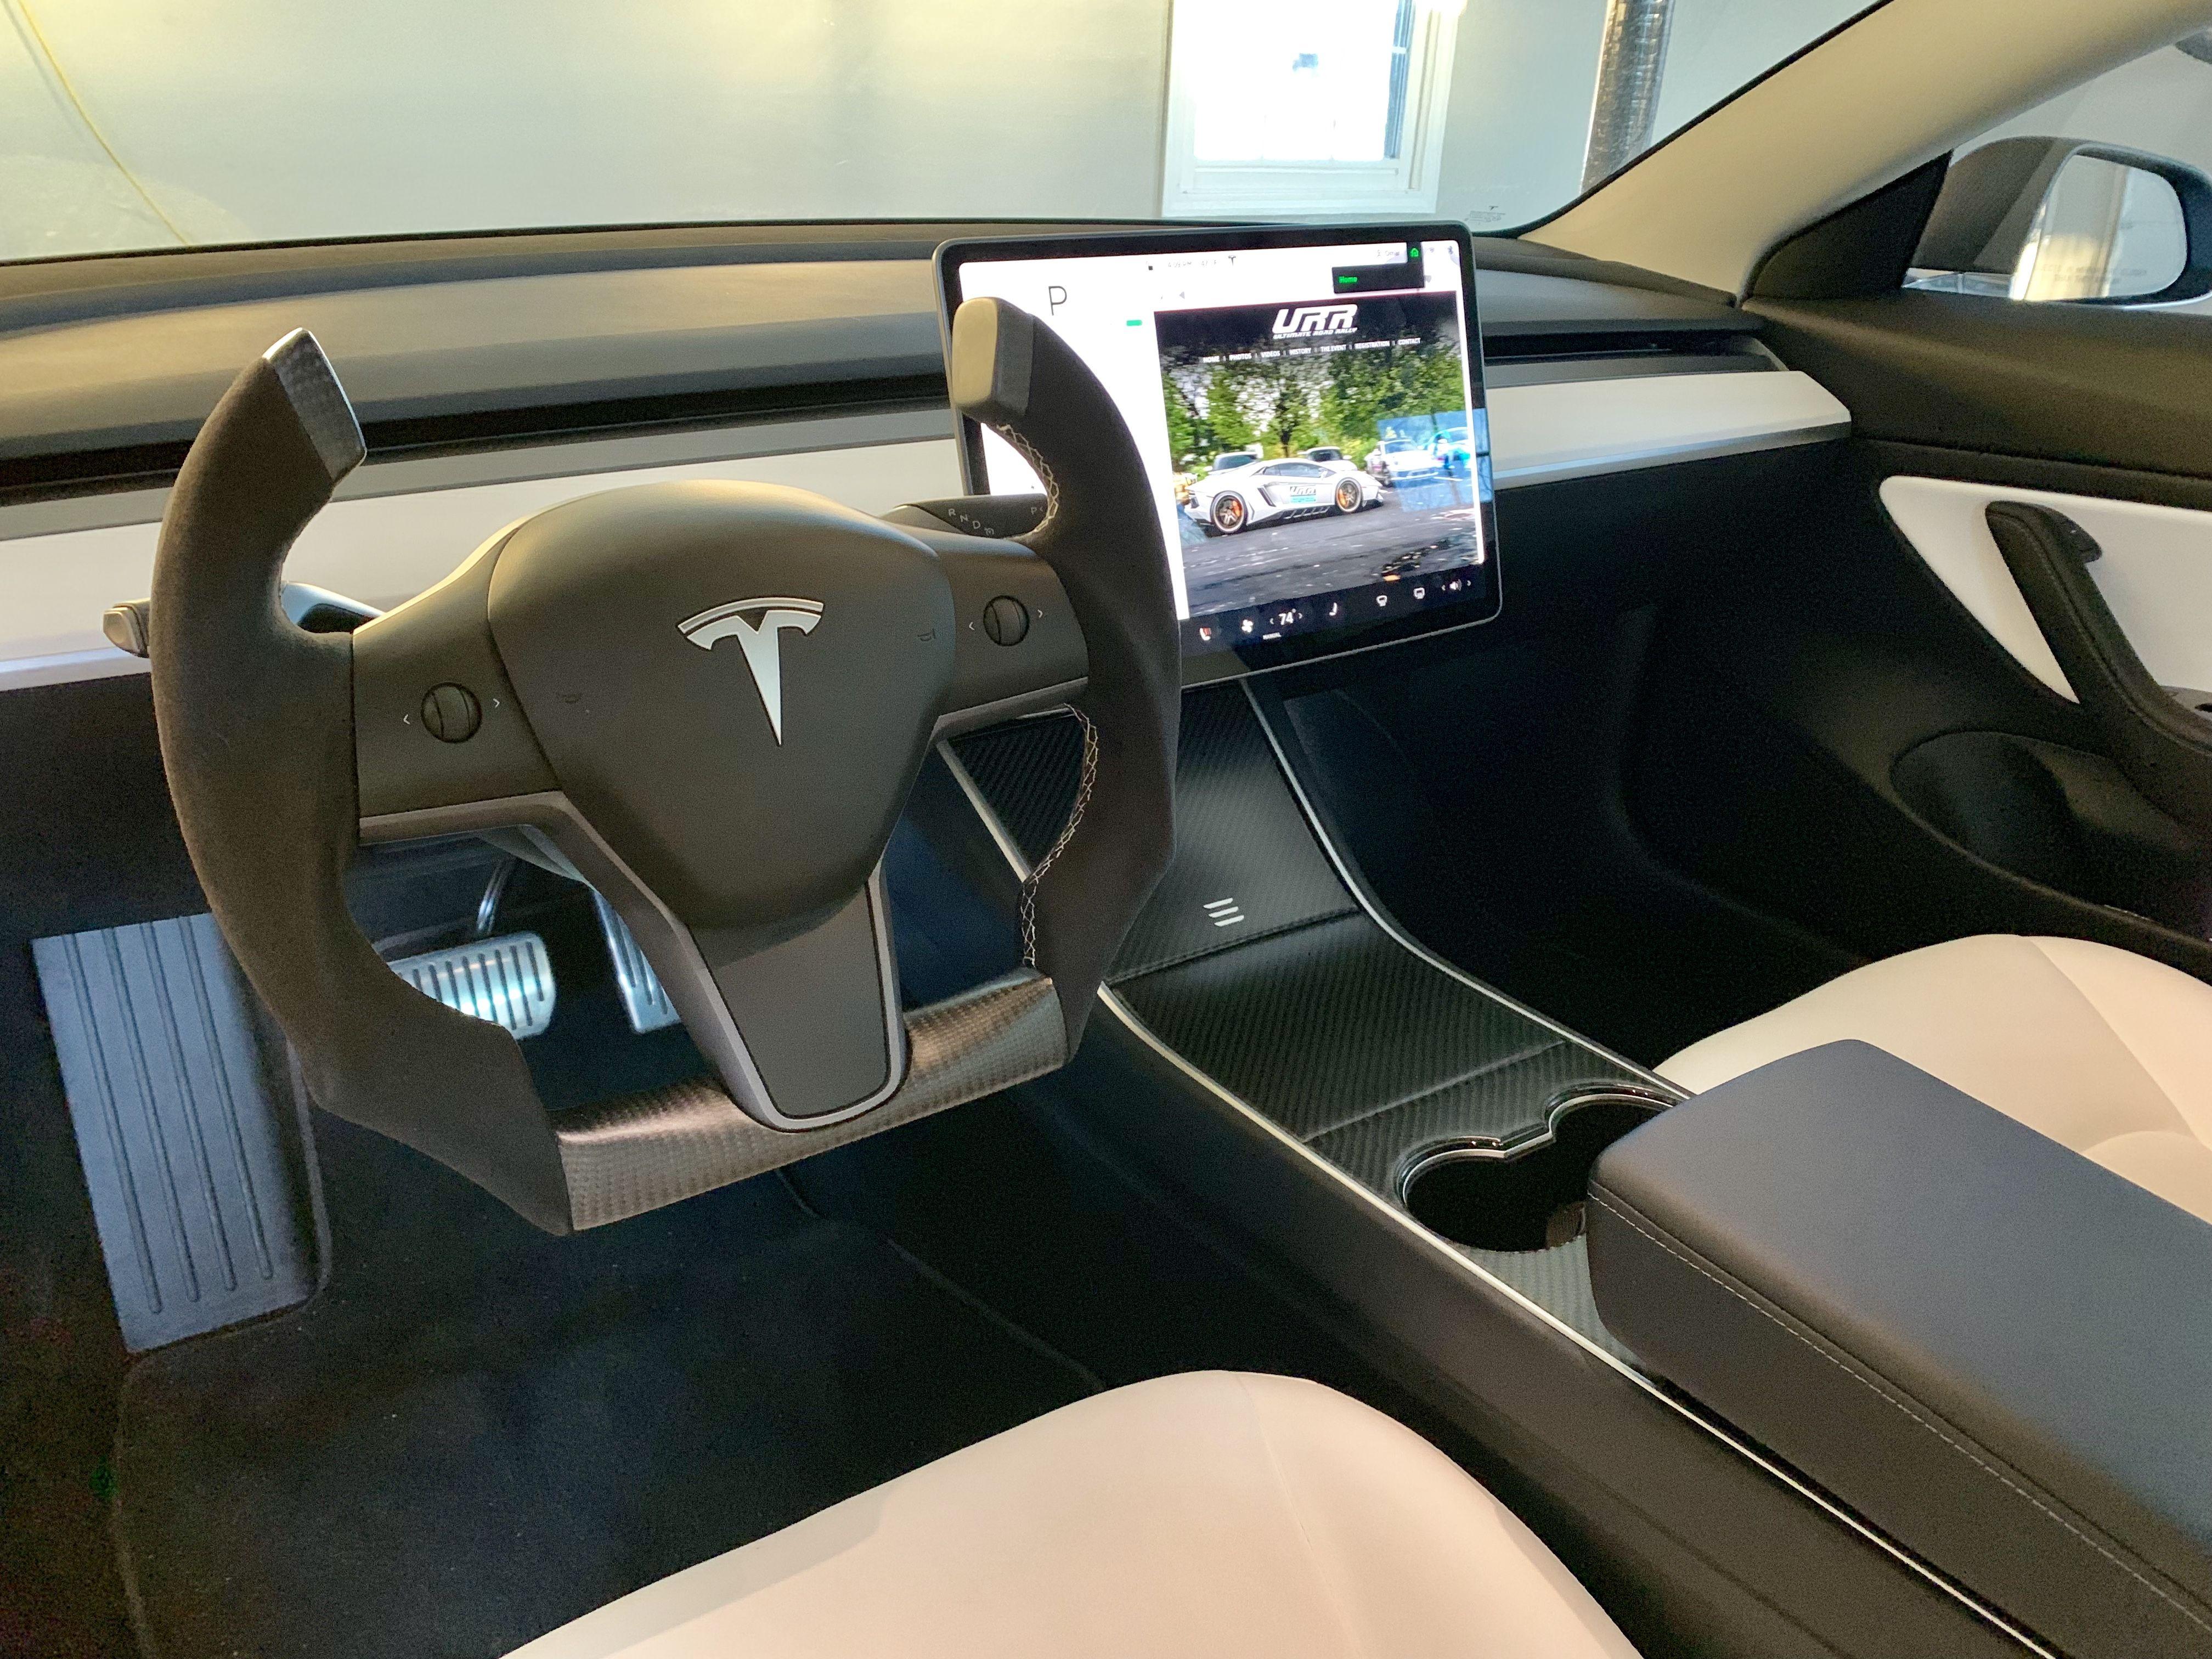 Tesla Model 3 Interior Tesla Accessories Luxury Car Interior Tesla Car